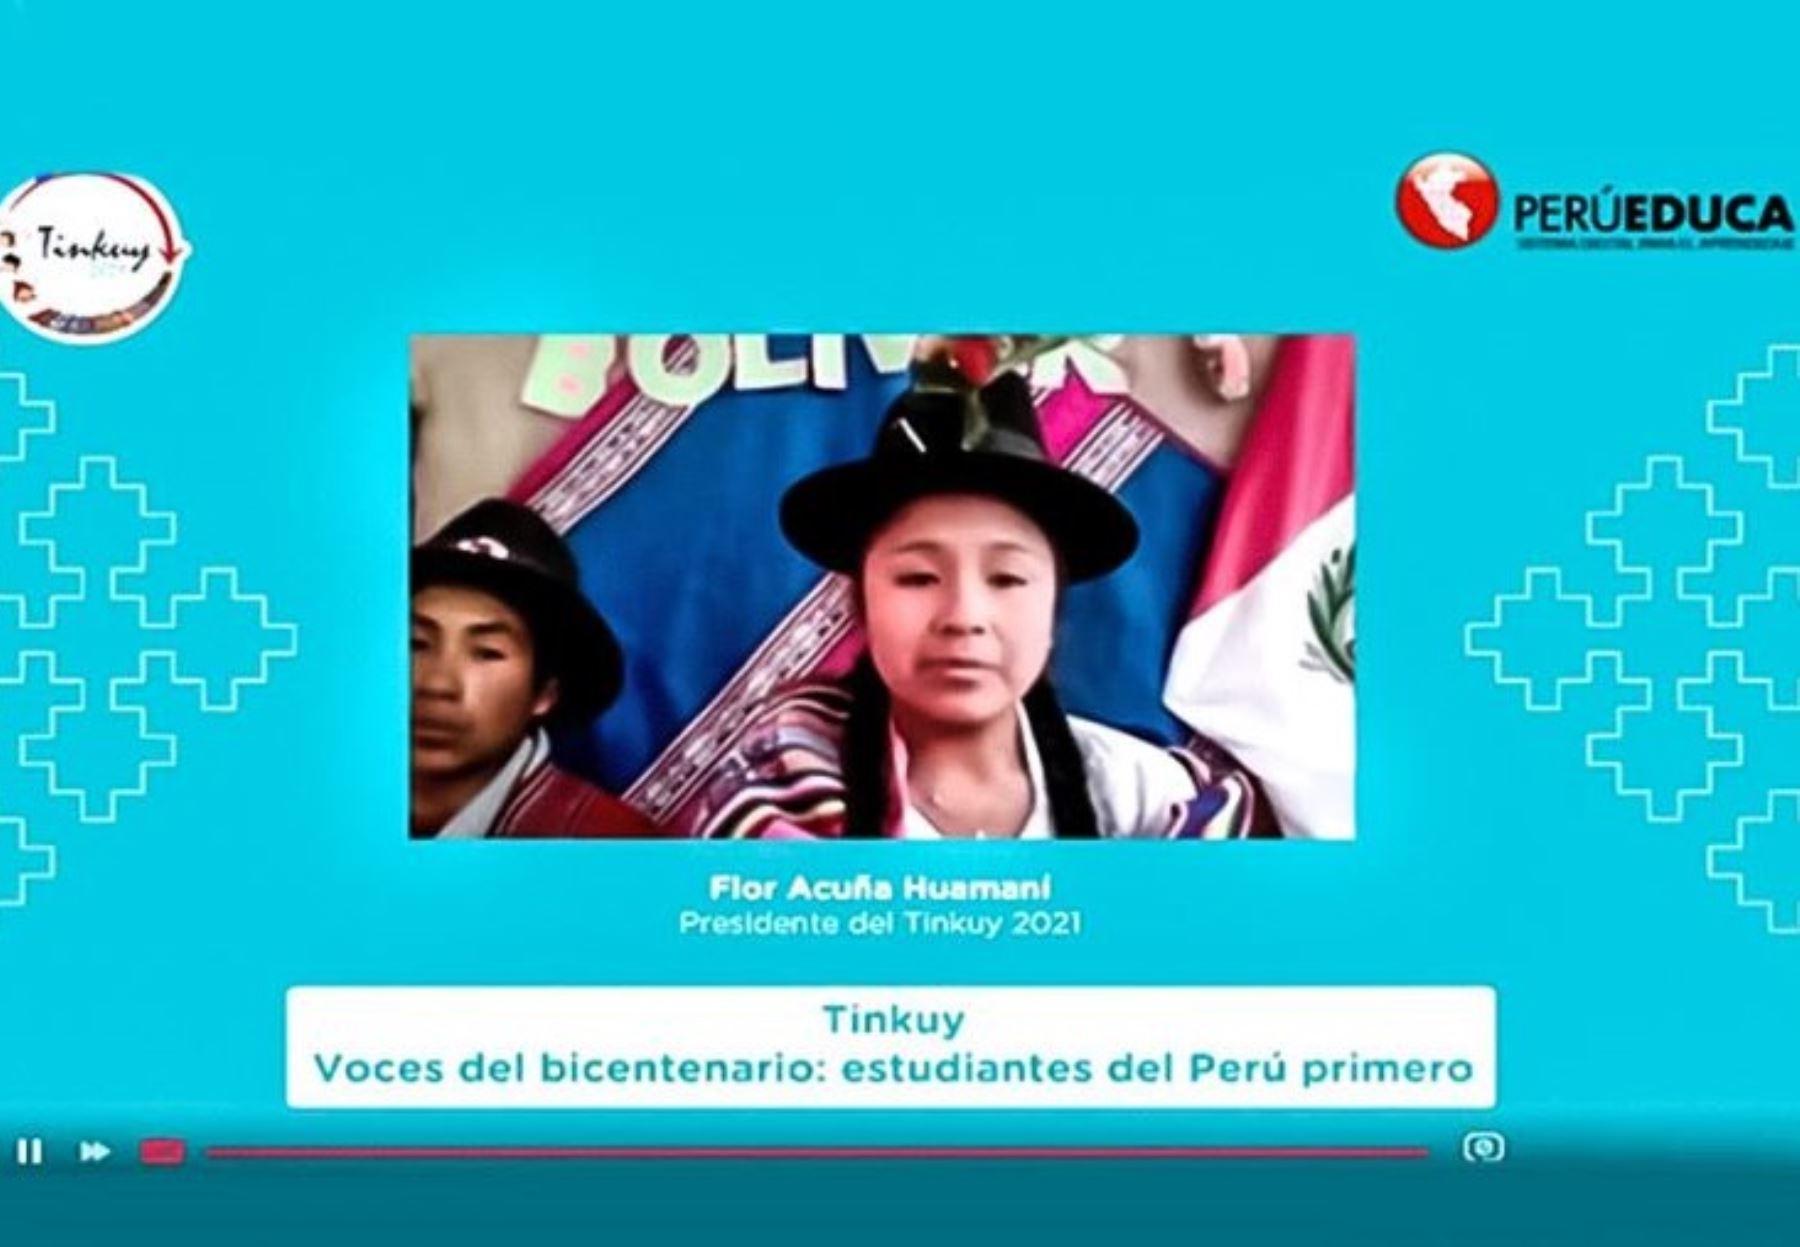 Flor Acuña se convierte en la primera niña en asumir la presidencia del X Encuentro Nacional de Niños y Niñas de Pueblos Originarios, Afroperuanos y de otras Tradiciones Culturales Tinkuy 2021. ANDINA/Difusión